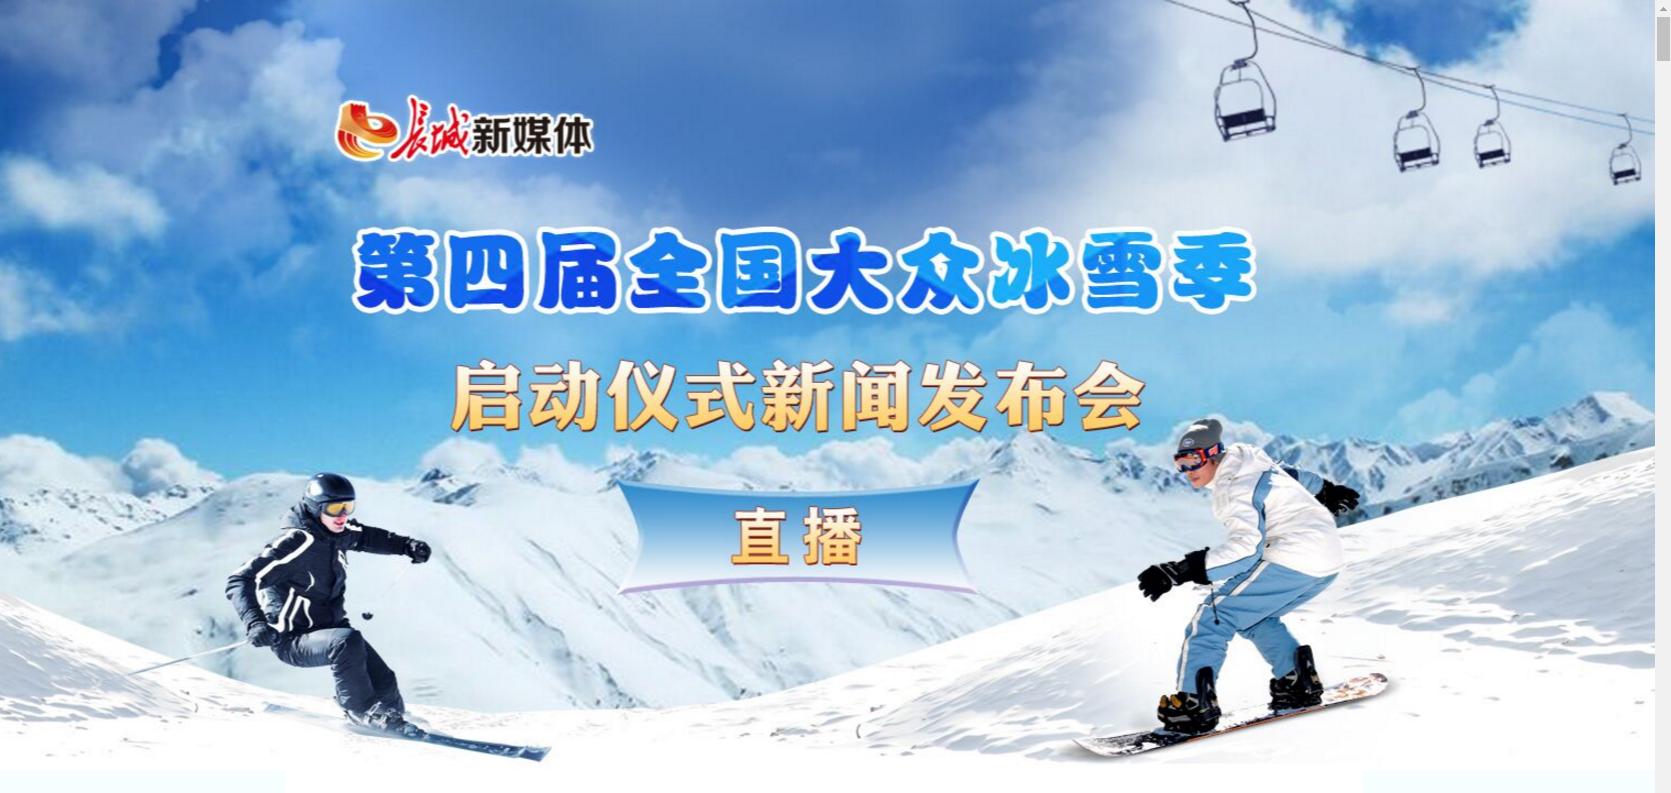 【长城新媒体直播】全国大众冰雪季启动仪式